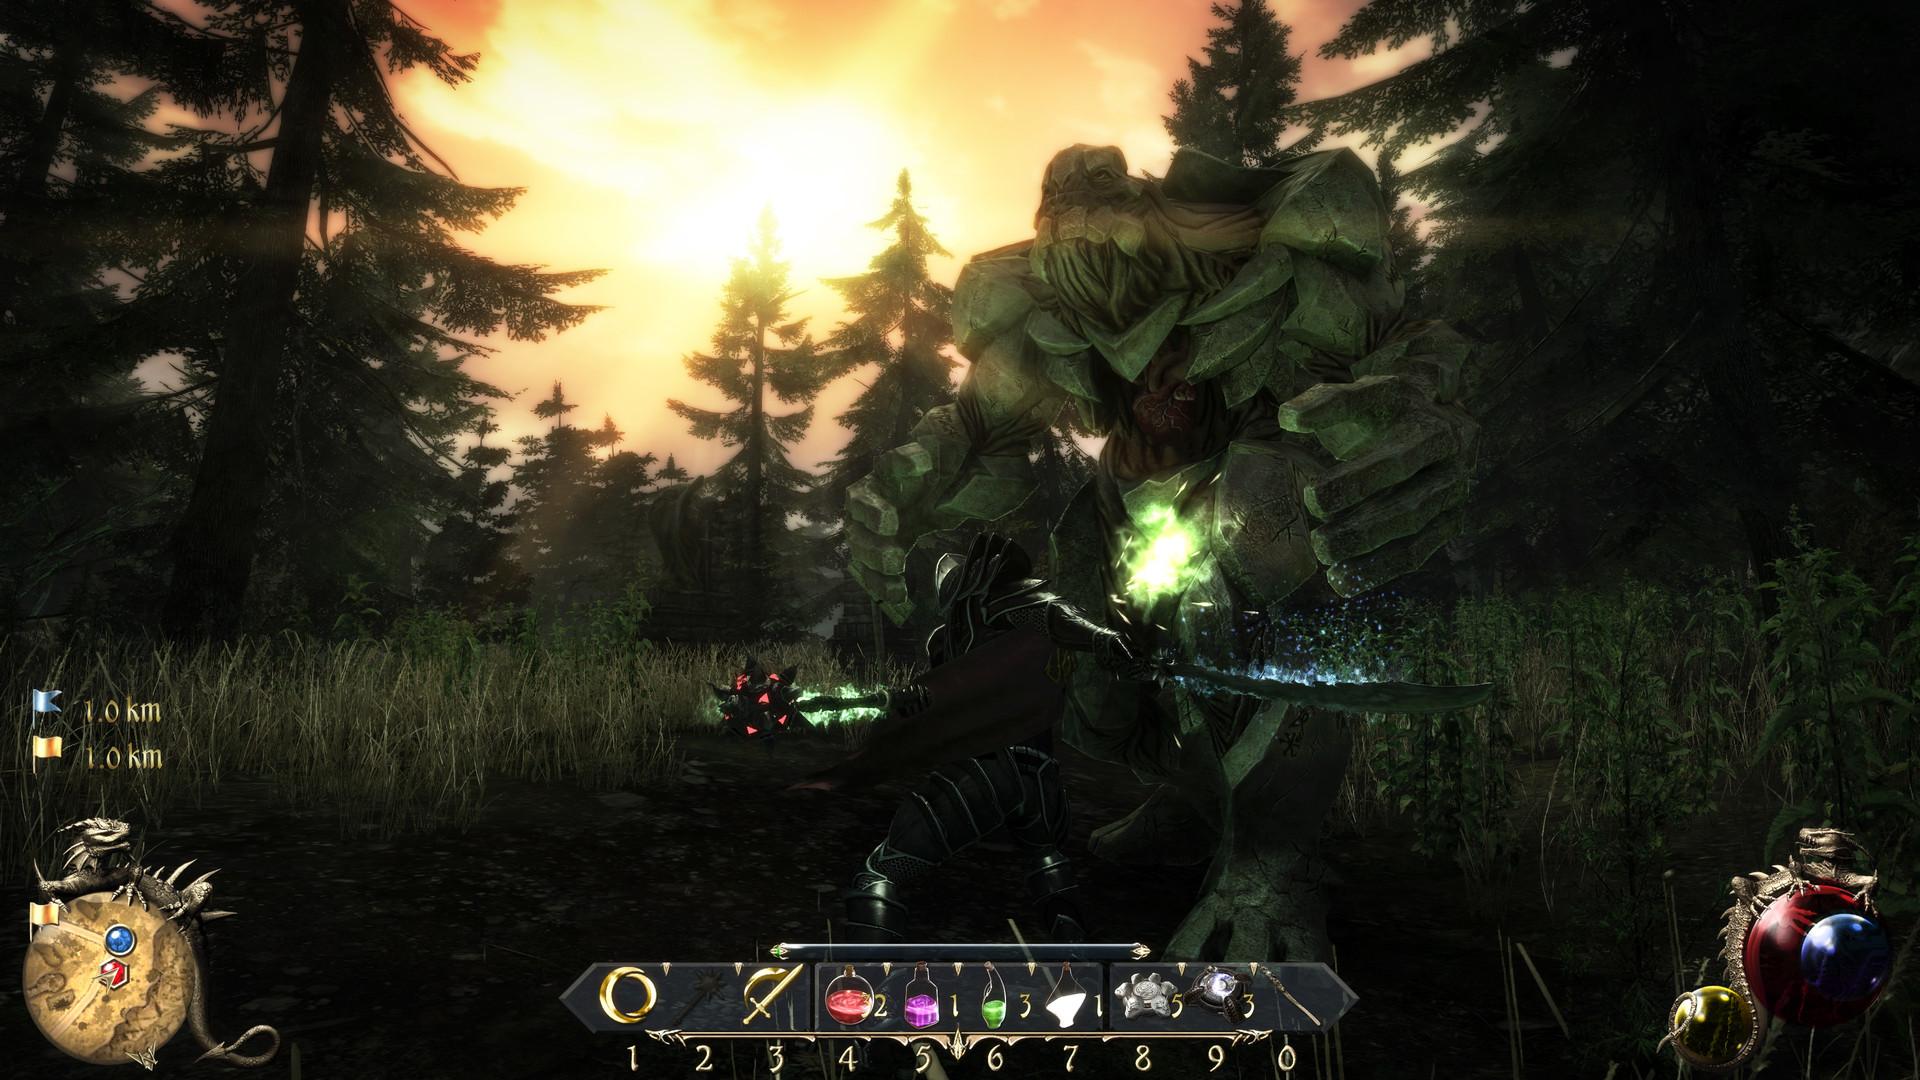 Two Worlds II - Call of the Tenebrae Screenshot 3